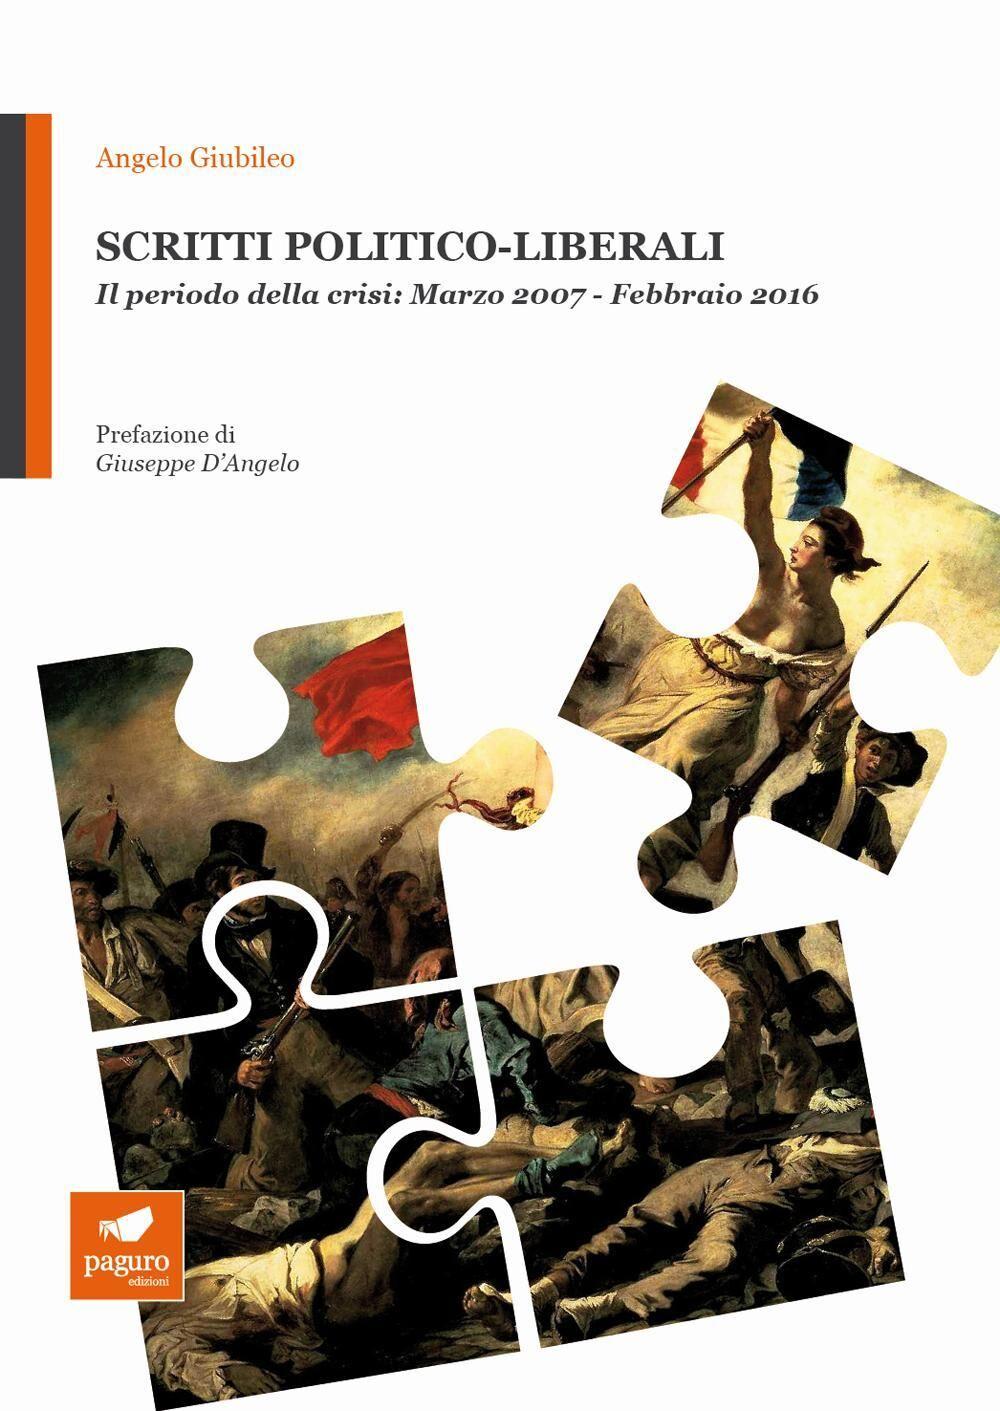 Scritti politico-liberali. Il periodo della crisi: Marzo 2007-Febbraio 2016